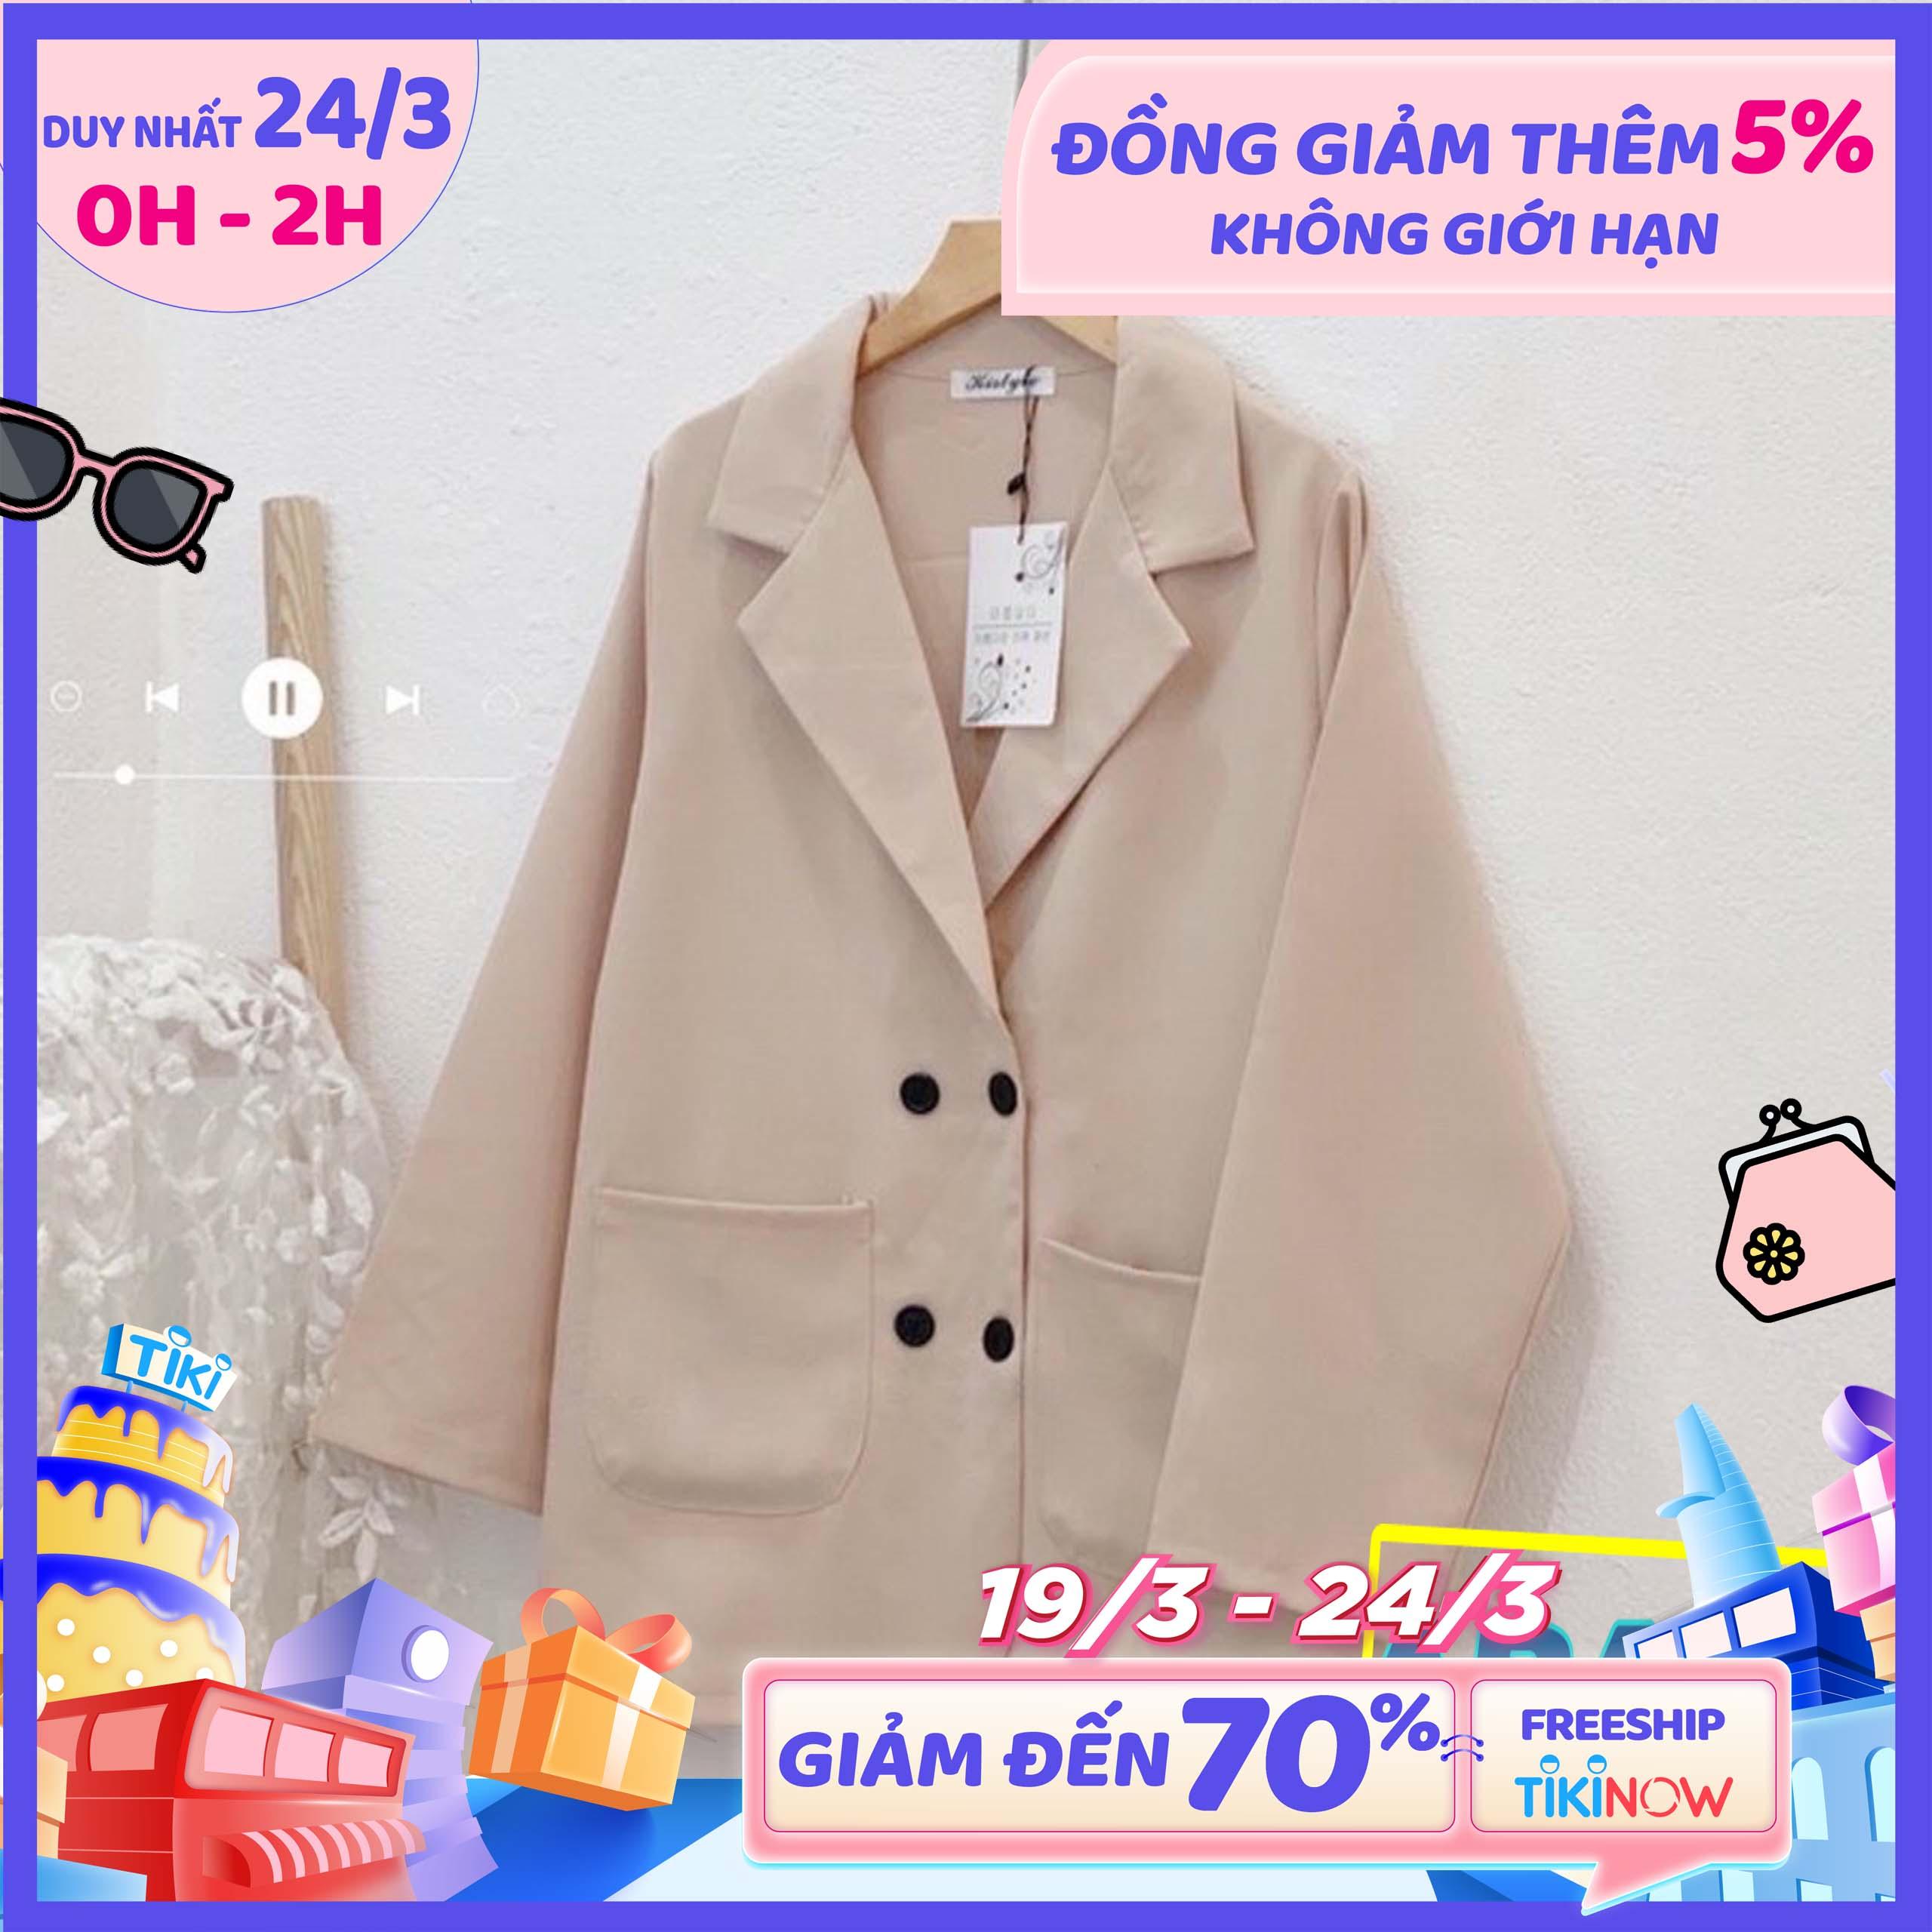 Áo Khoác Vest Blazer Nữ Tay Dài Màu Trơn Style Ulzzang Hàn Quốc (Freesize) - FM2TS012